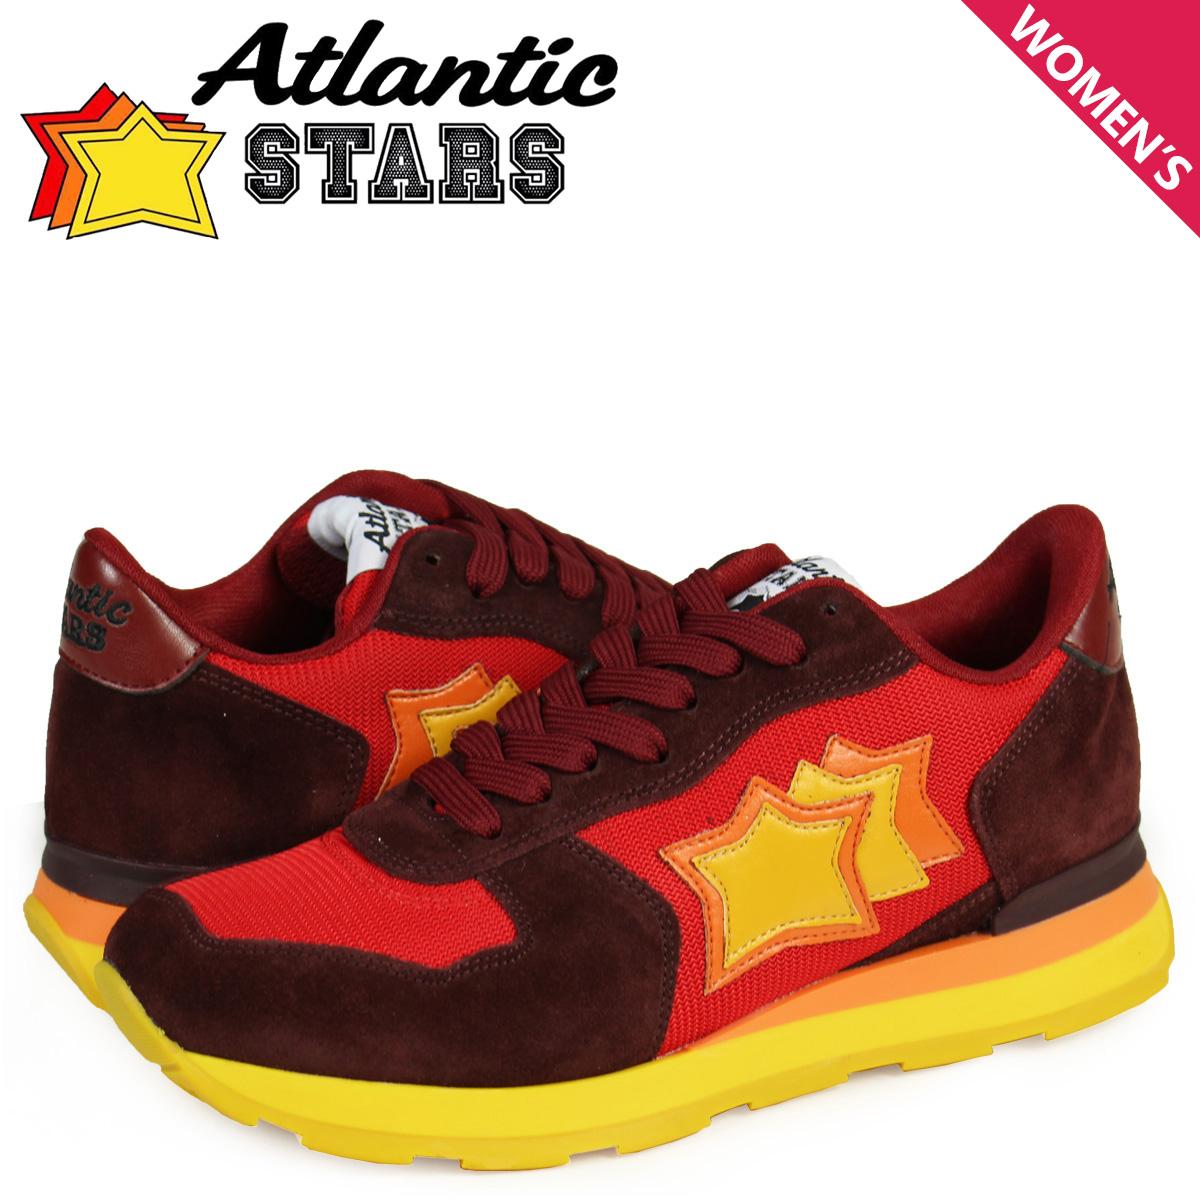 アトランティックスターズ Atlantic STARS ベガ スニーカー レディース VEGA BRA-46BO レッド